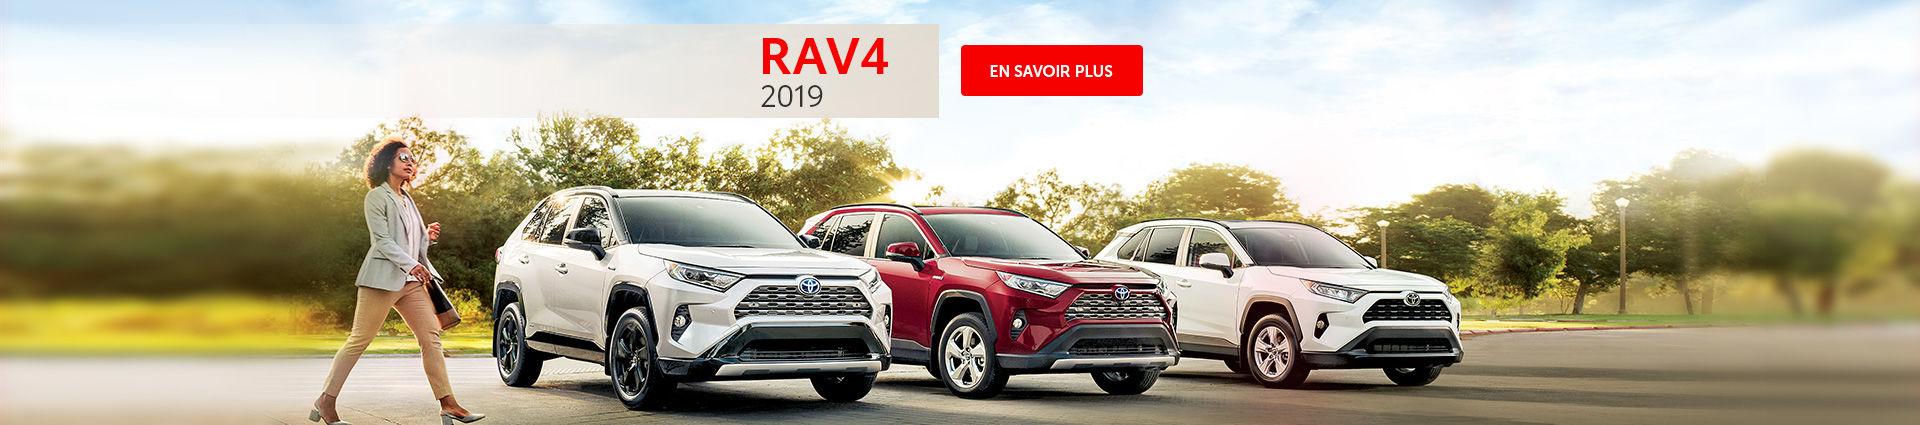 RAV4 2019